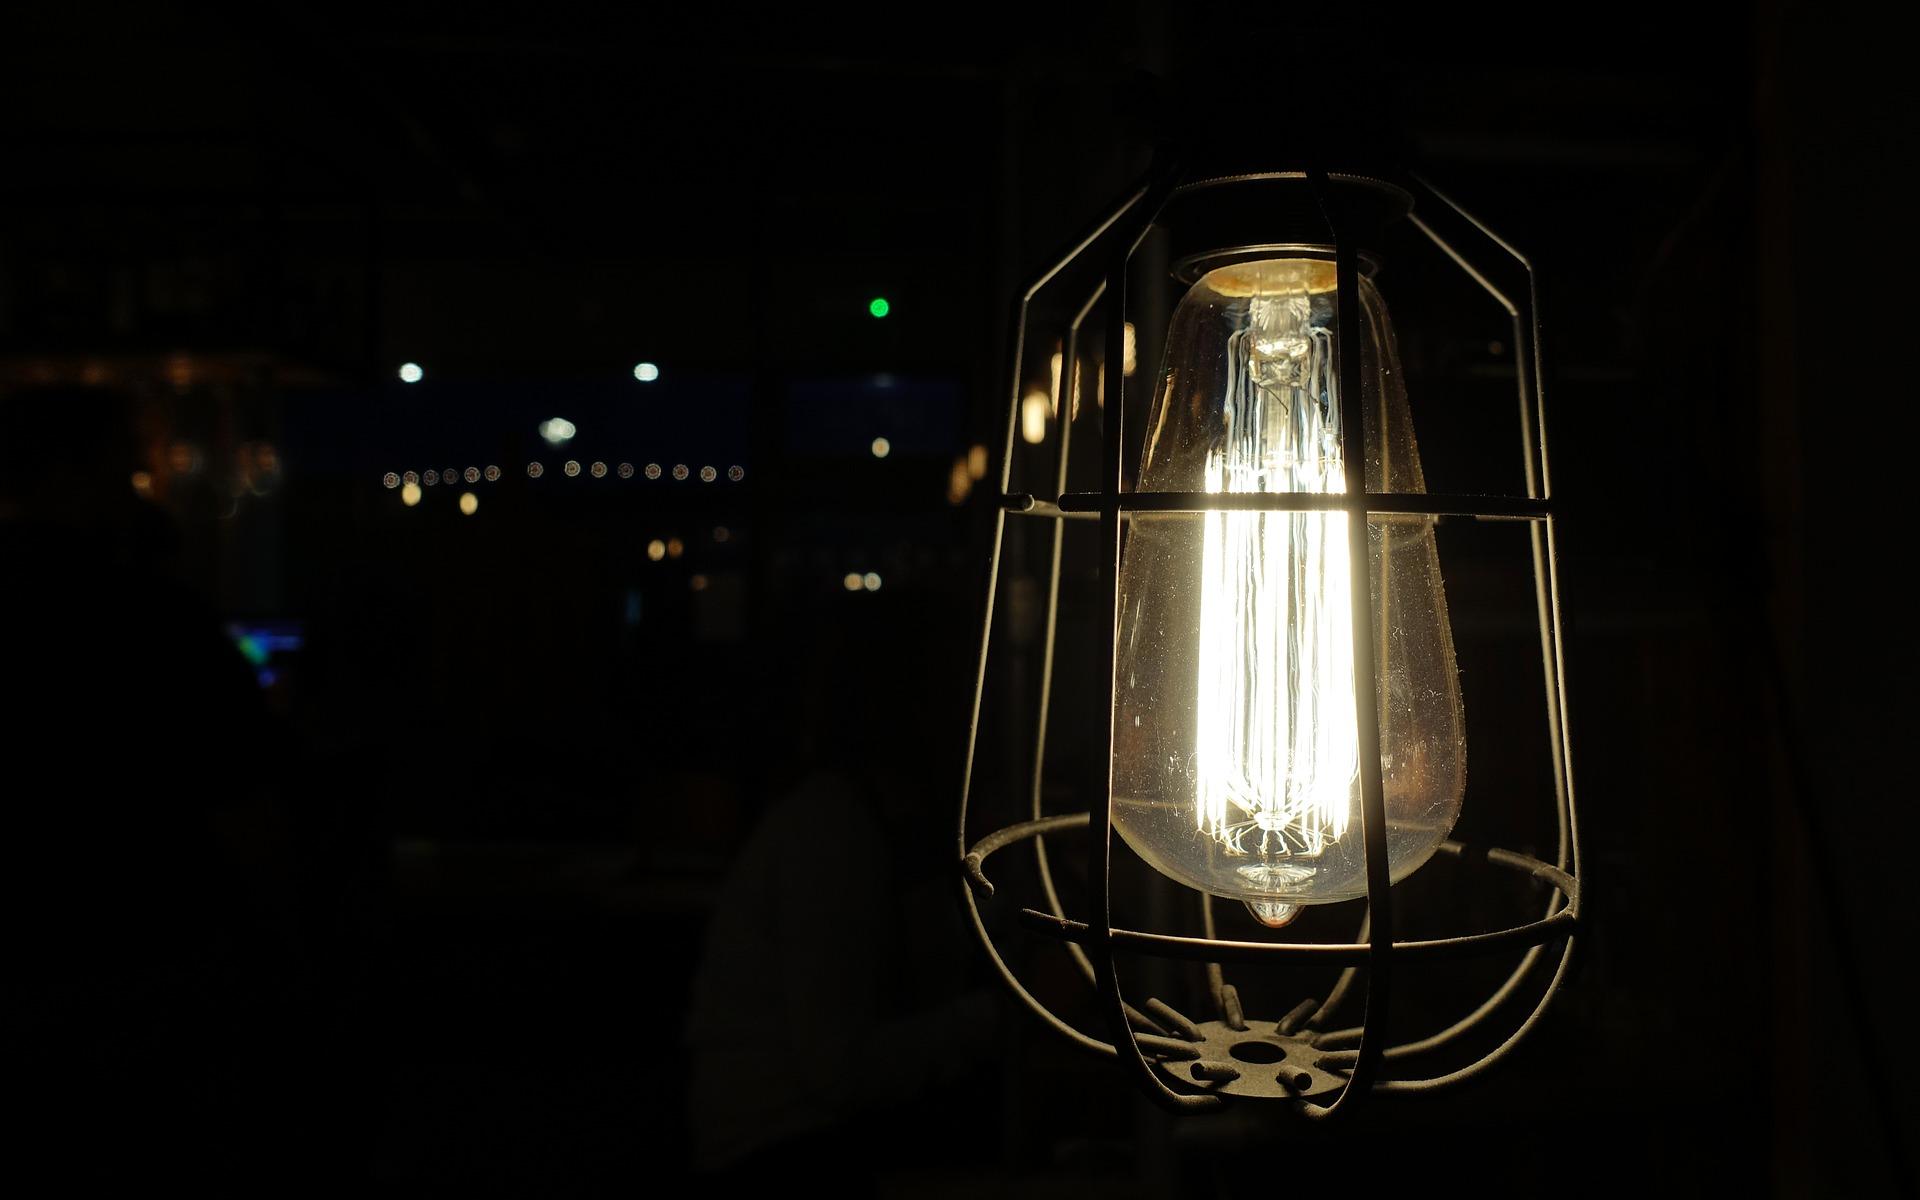 light-2190099_1920.jpg